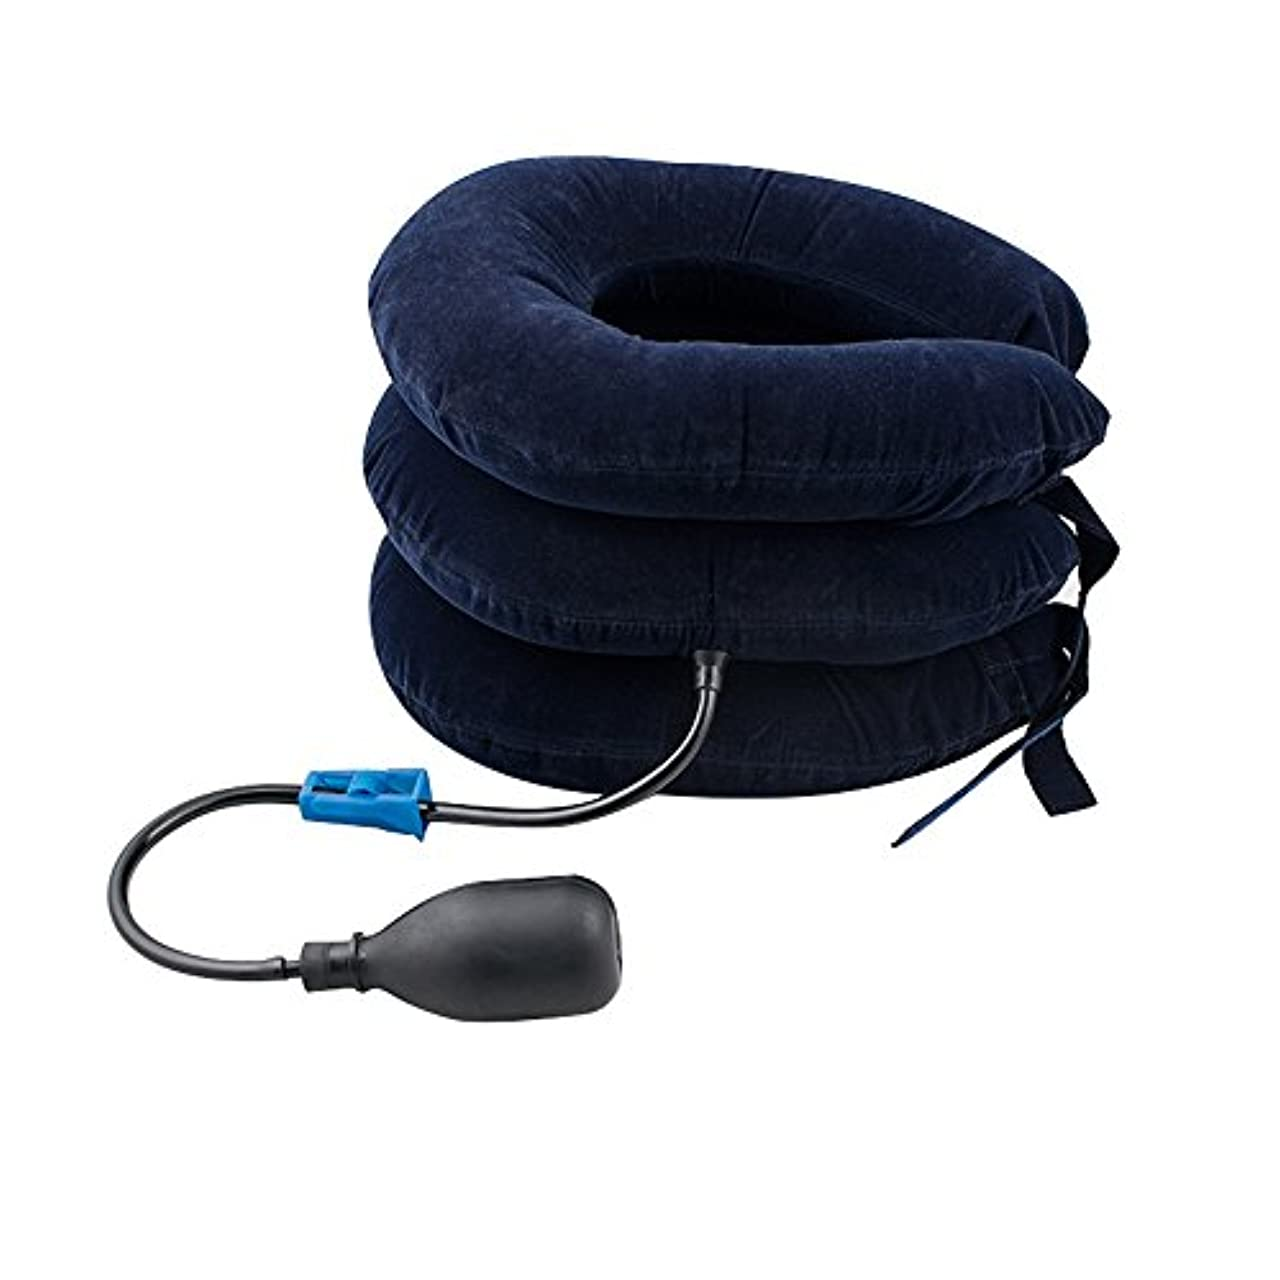 音節トランク任命Finlon 3段式エアーネックストレッチャー 頚椎牽引 首伸ばし 首 肩こり 解消 首サポーター 首筋用 エアーパッド 軽量 枕 クッション マッサージ フリーサイズ (ネイビー)